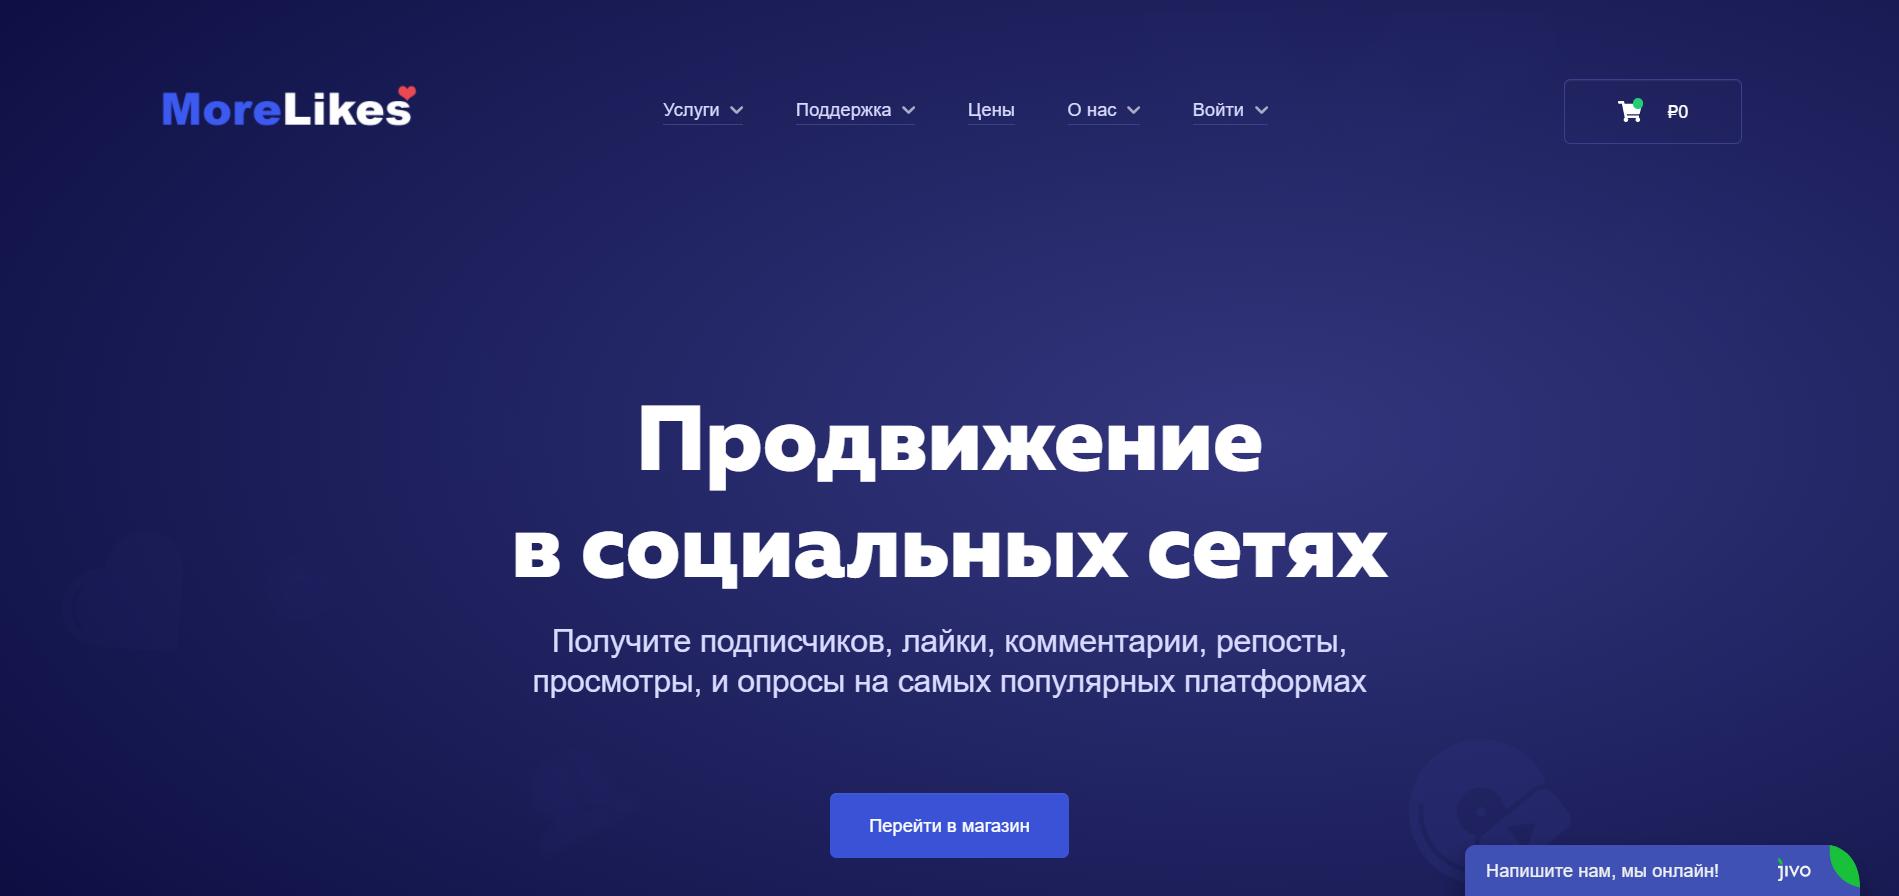 Morelikes сервис для накрутки подписчиков в инстаграме